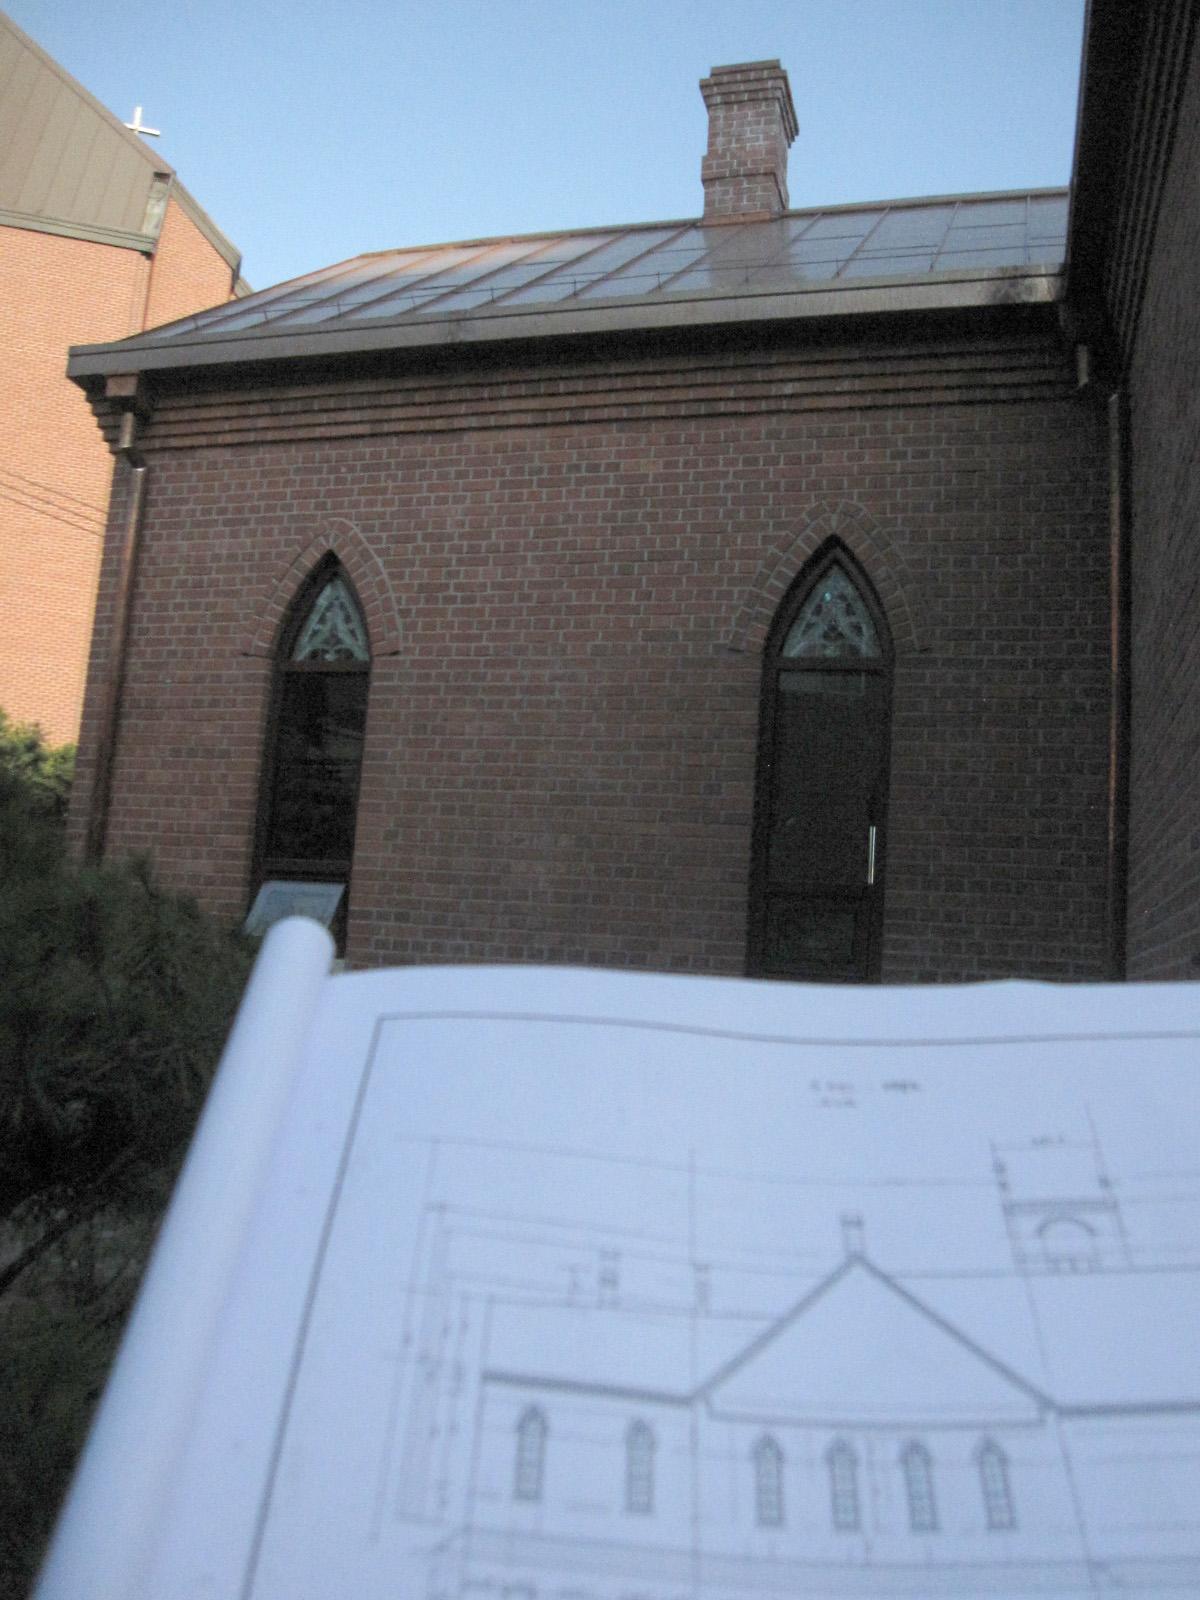 복원기본설계도 작도자 이길극 목사, 시공건물 치수 비교조사, 2012년 9월 21일(금)